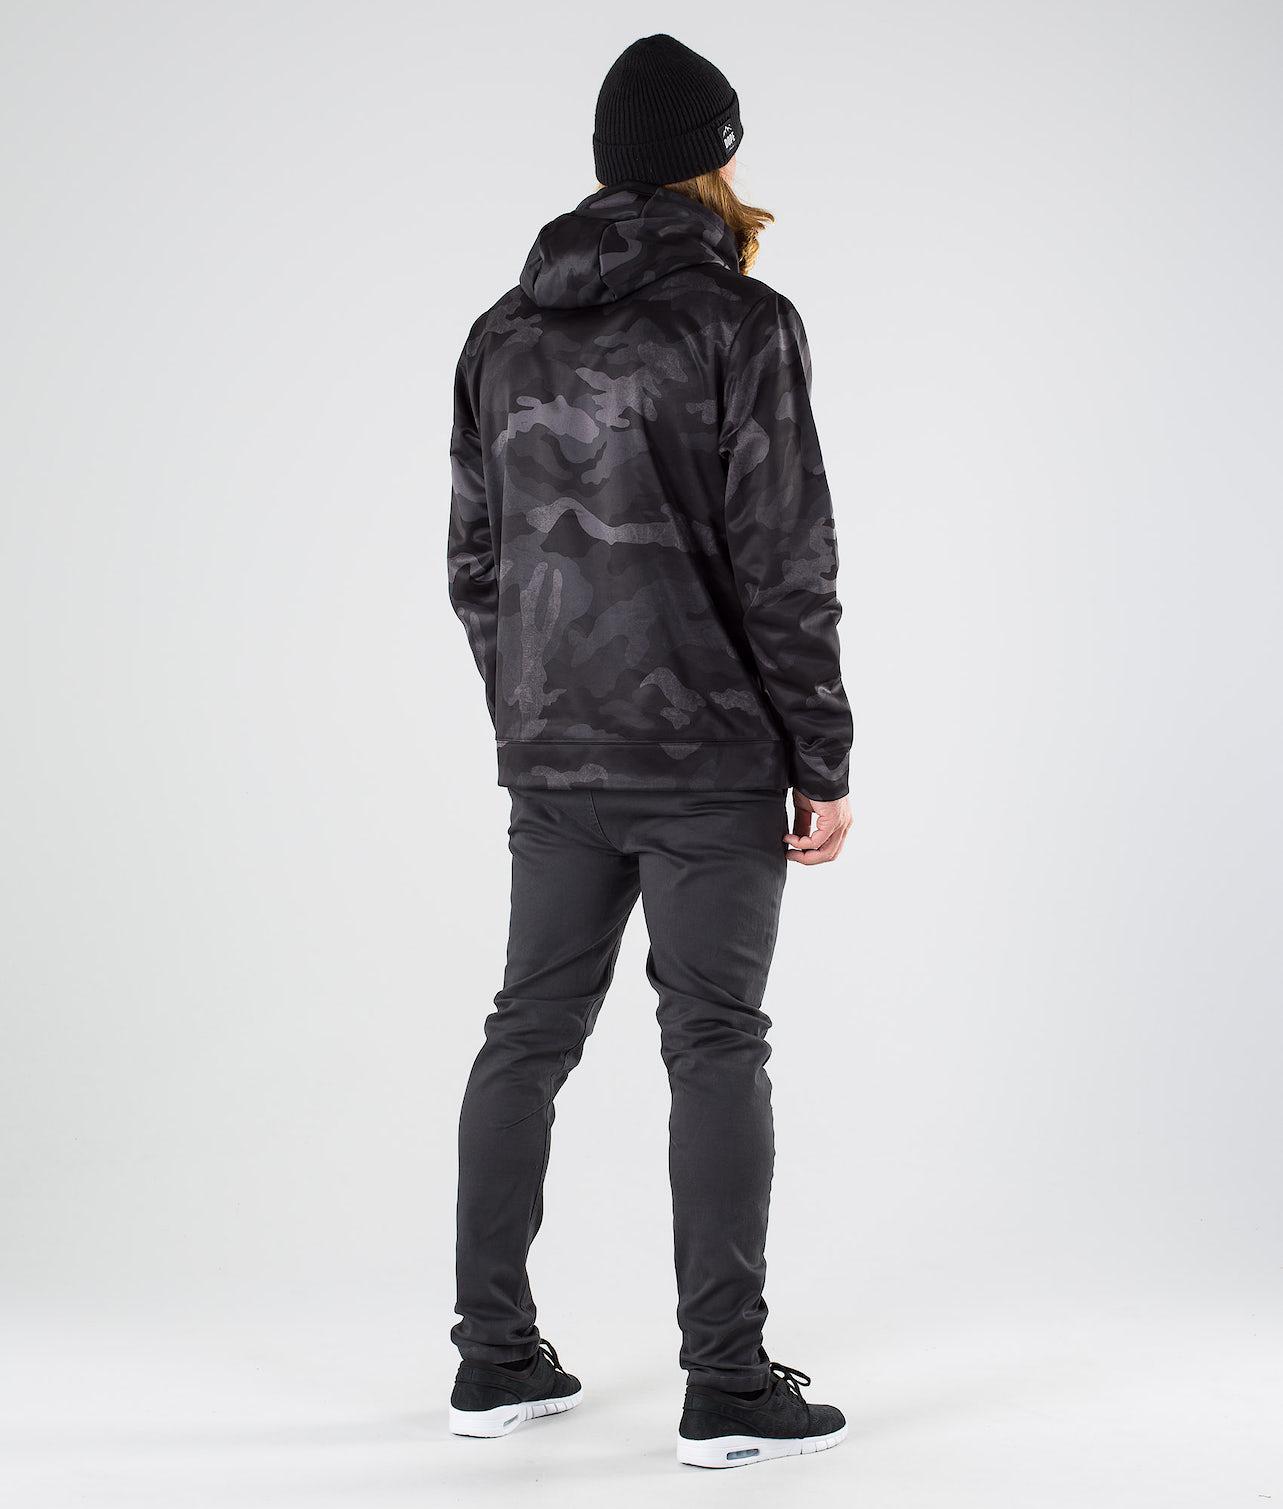 Kjøp Sur- Eu Hood fra The North Face på Ridestore.no - Hos oss har du alltid fri frakt, fri retur og 30 dagers åpent kjøp!